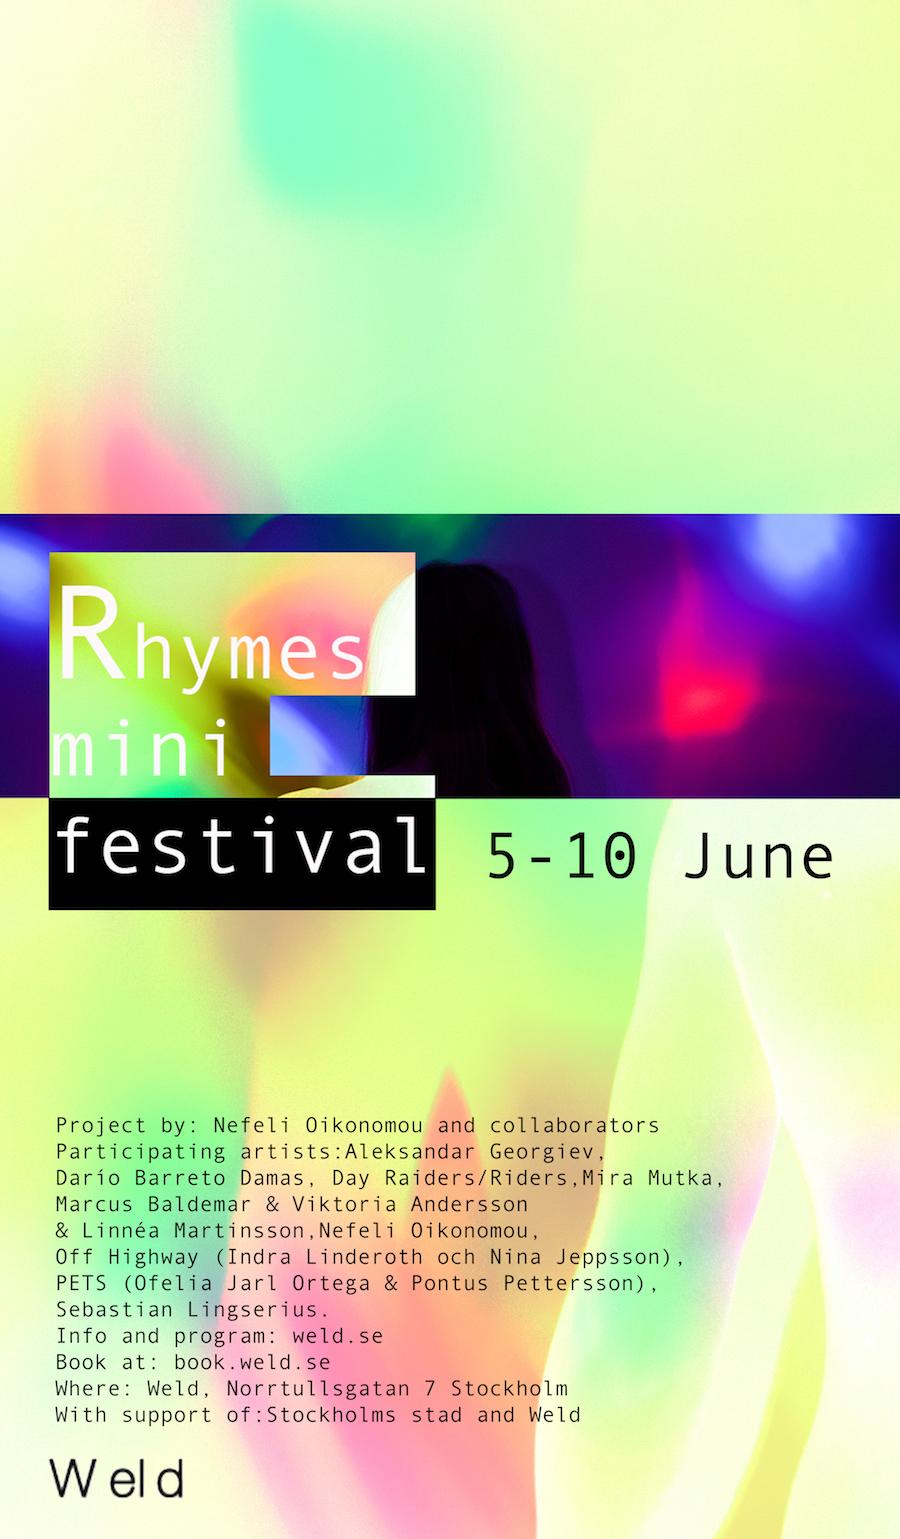 Rhymes mini-festival